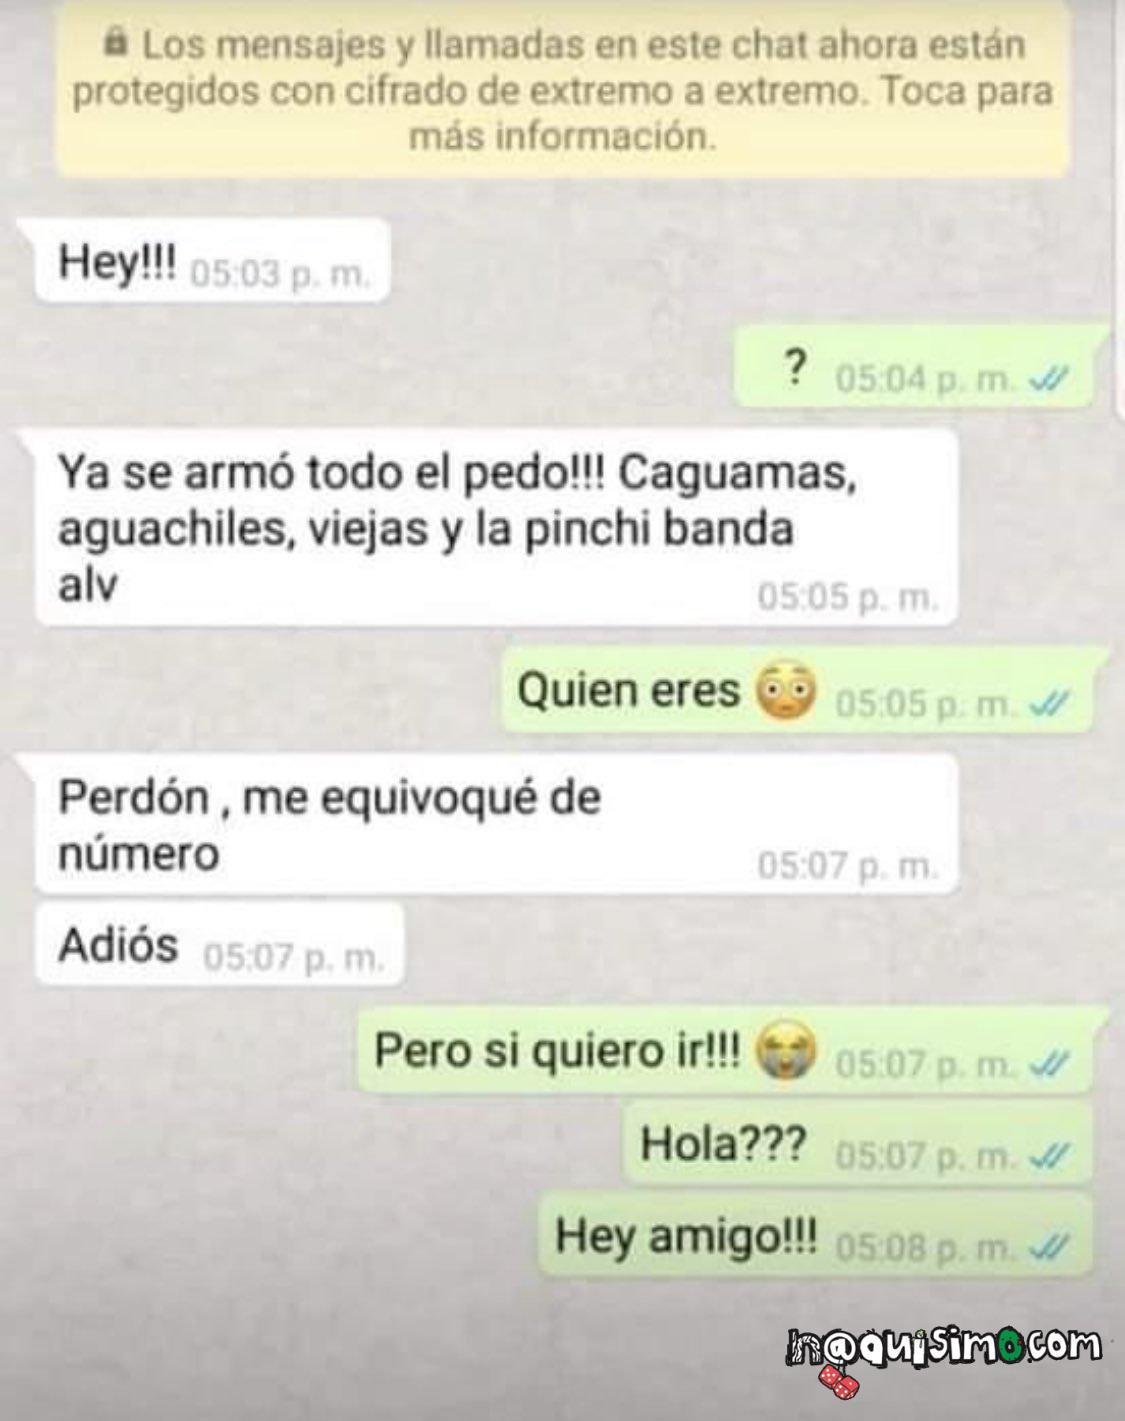 Conversaciones Chistosas Whatsapp